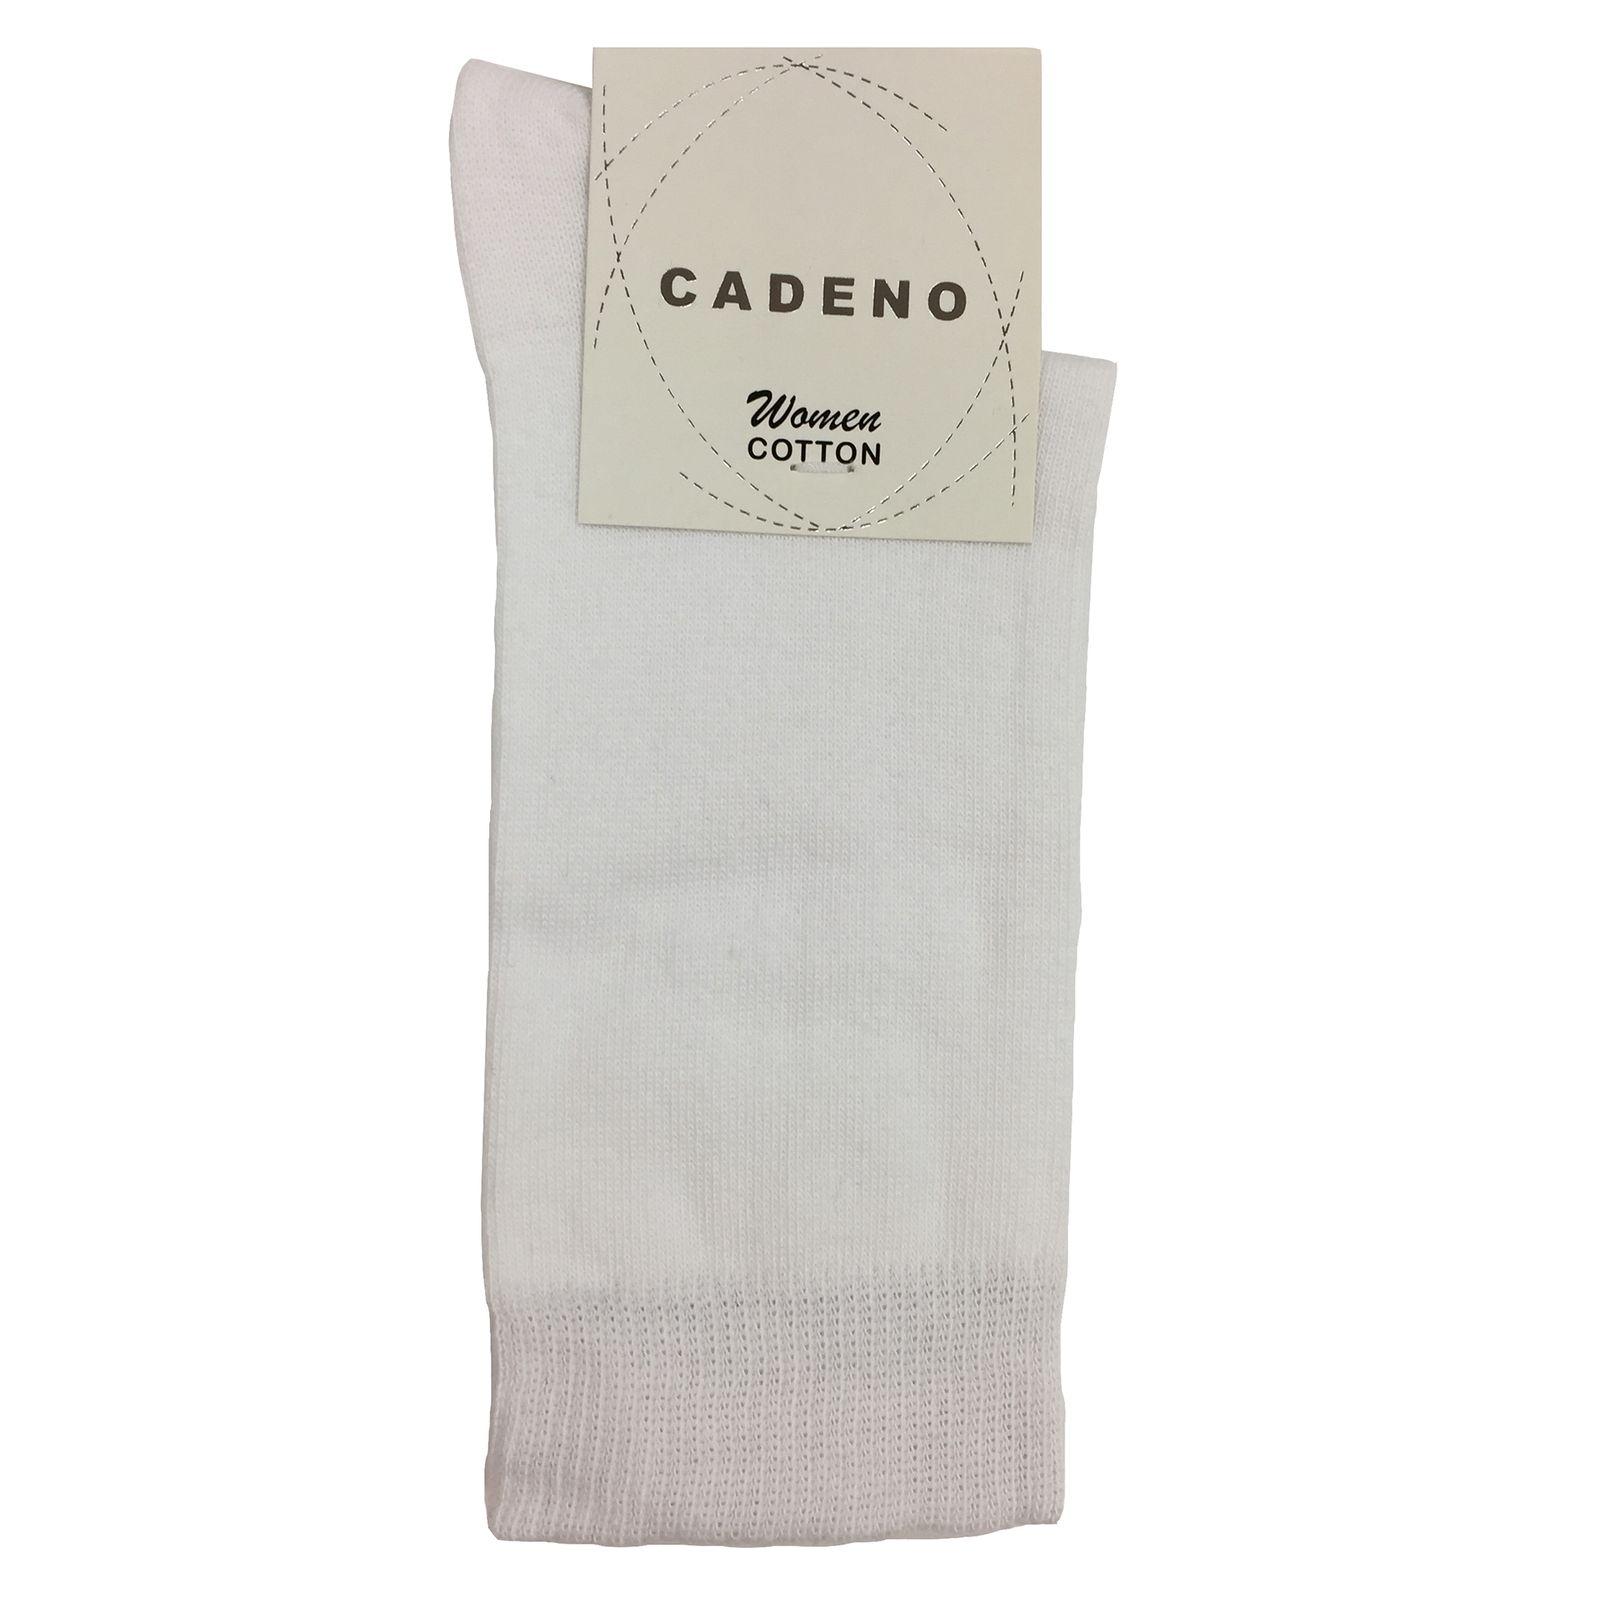 جوراب زنانه کادنو کد CAL1001 رنگ سفید -  - 3